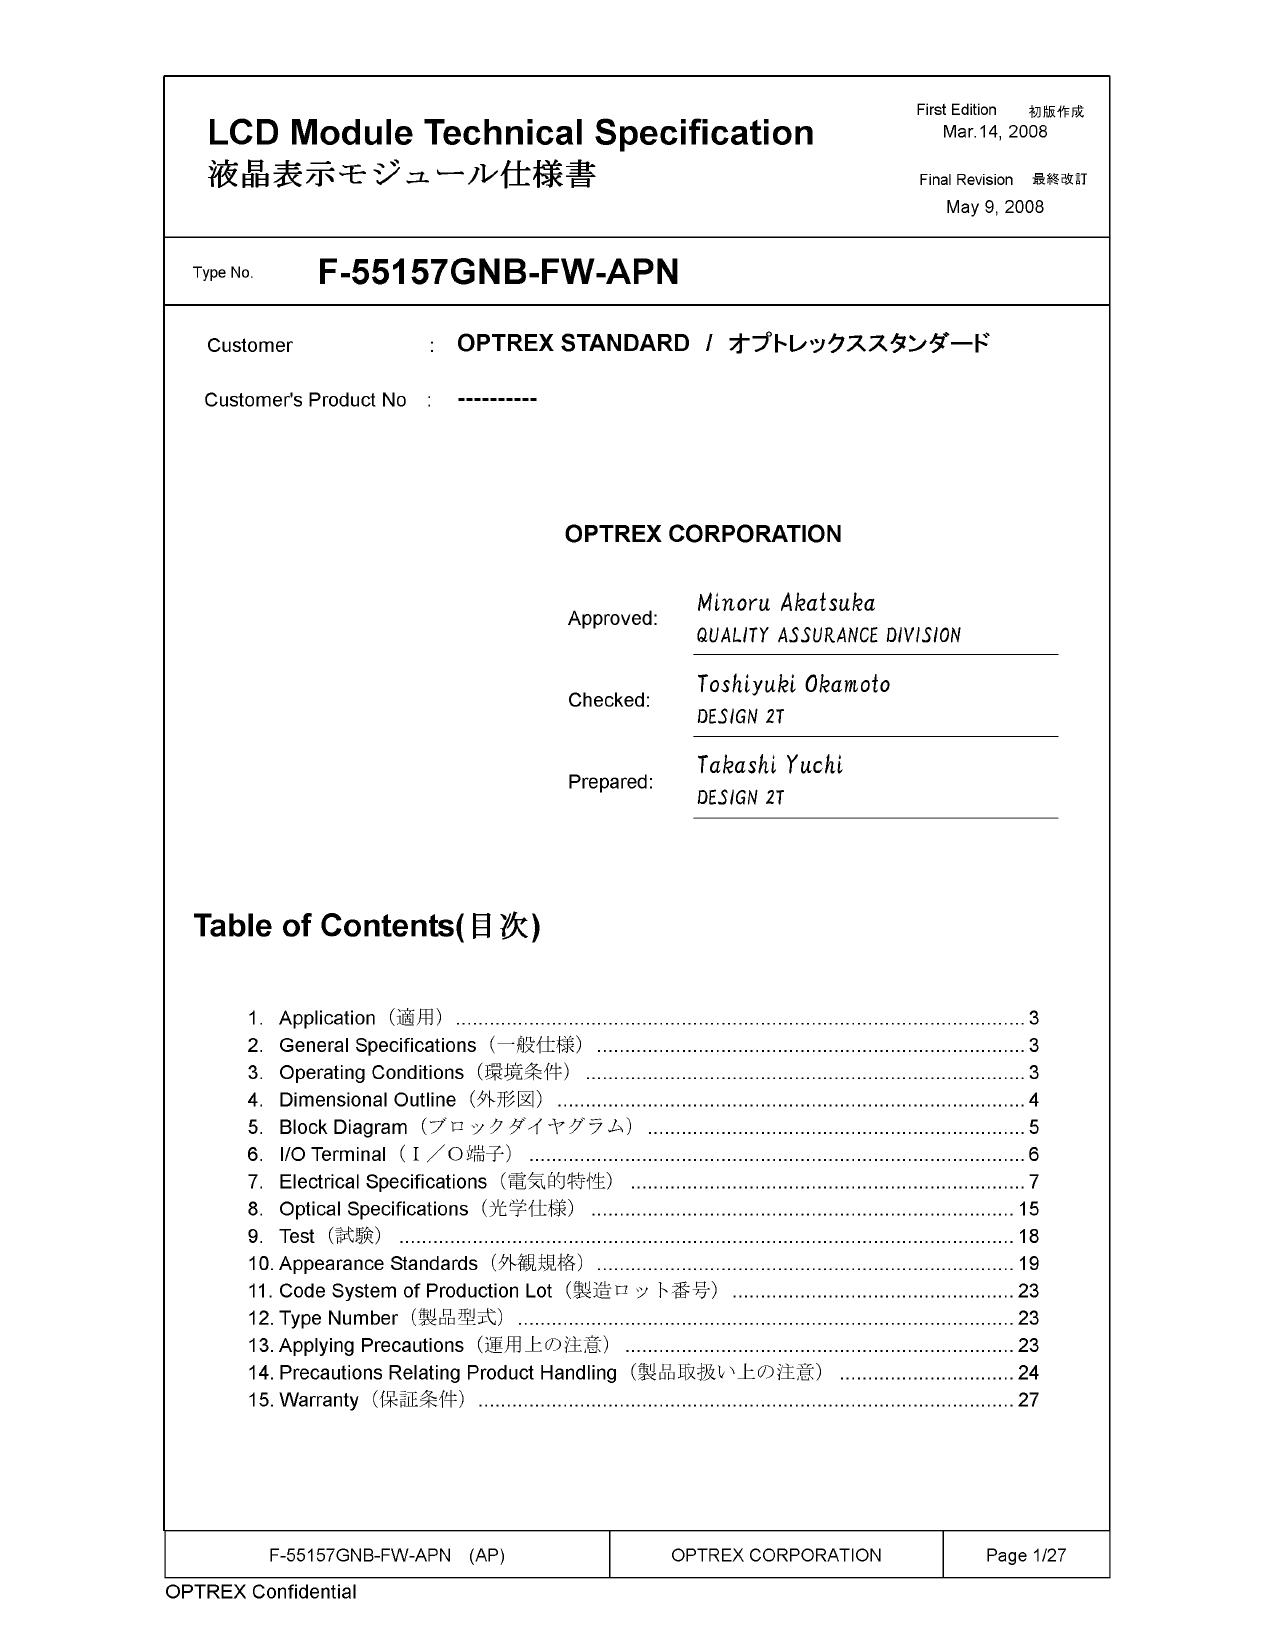 F-55157GNB-FW-APN datasheet